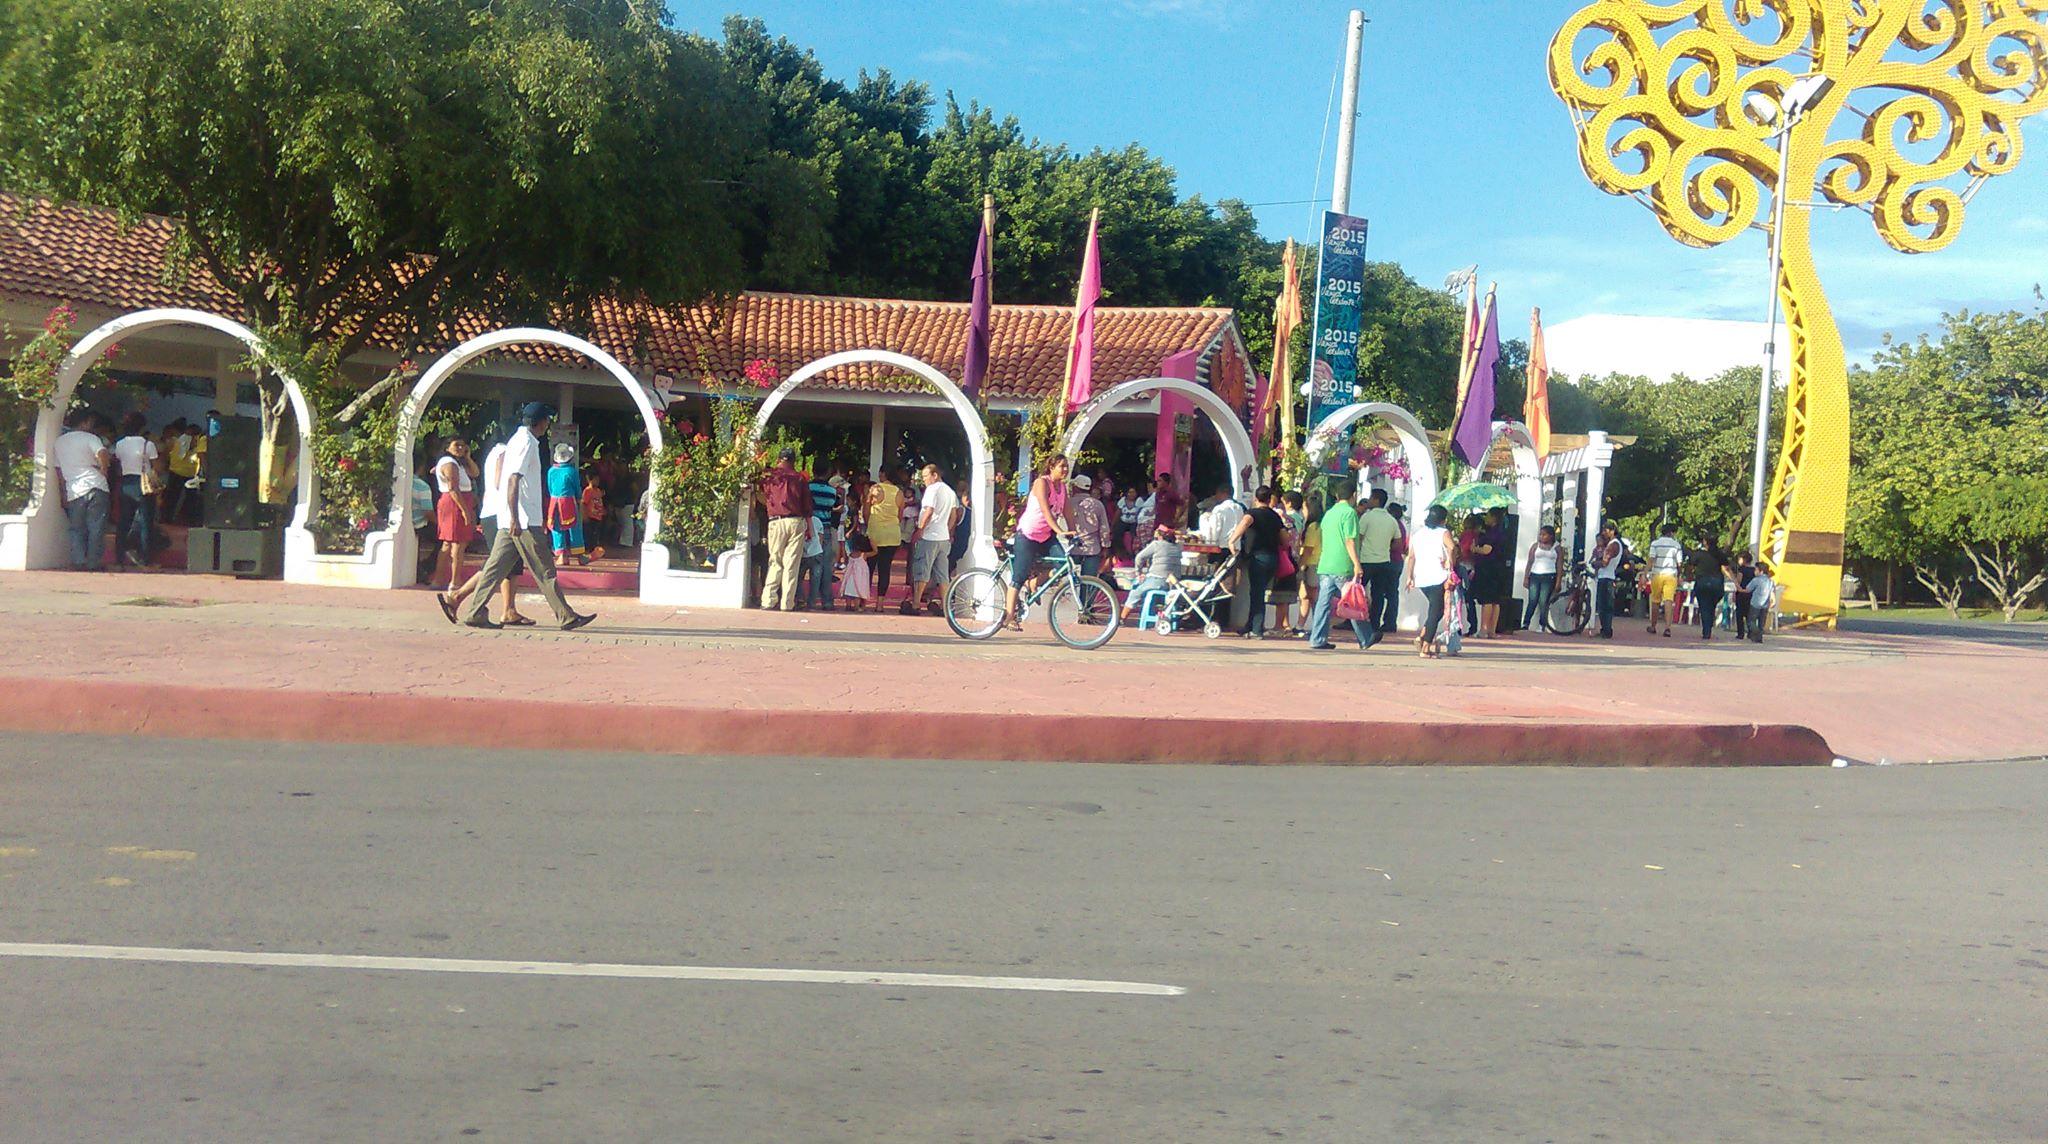 ¿Qué encuentra en los Tiangues de la Avenida Bolívar?